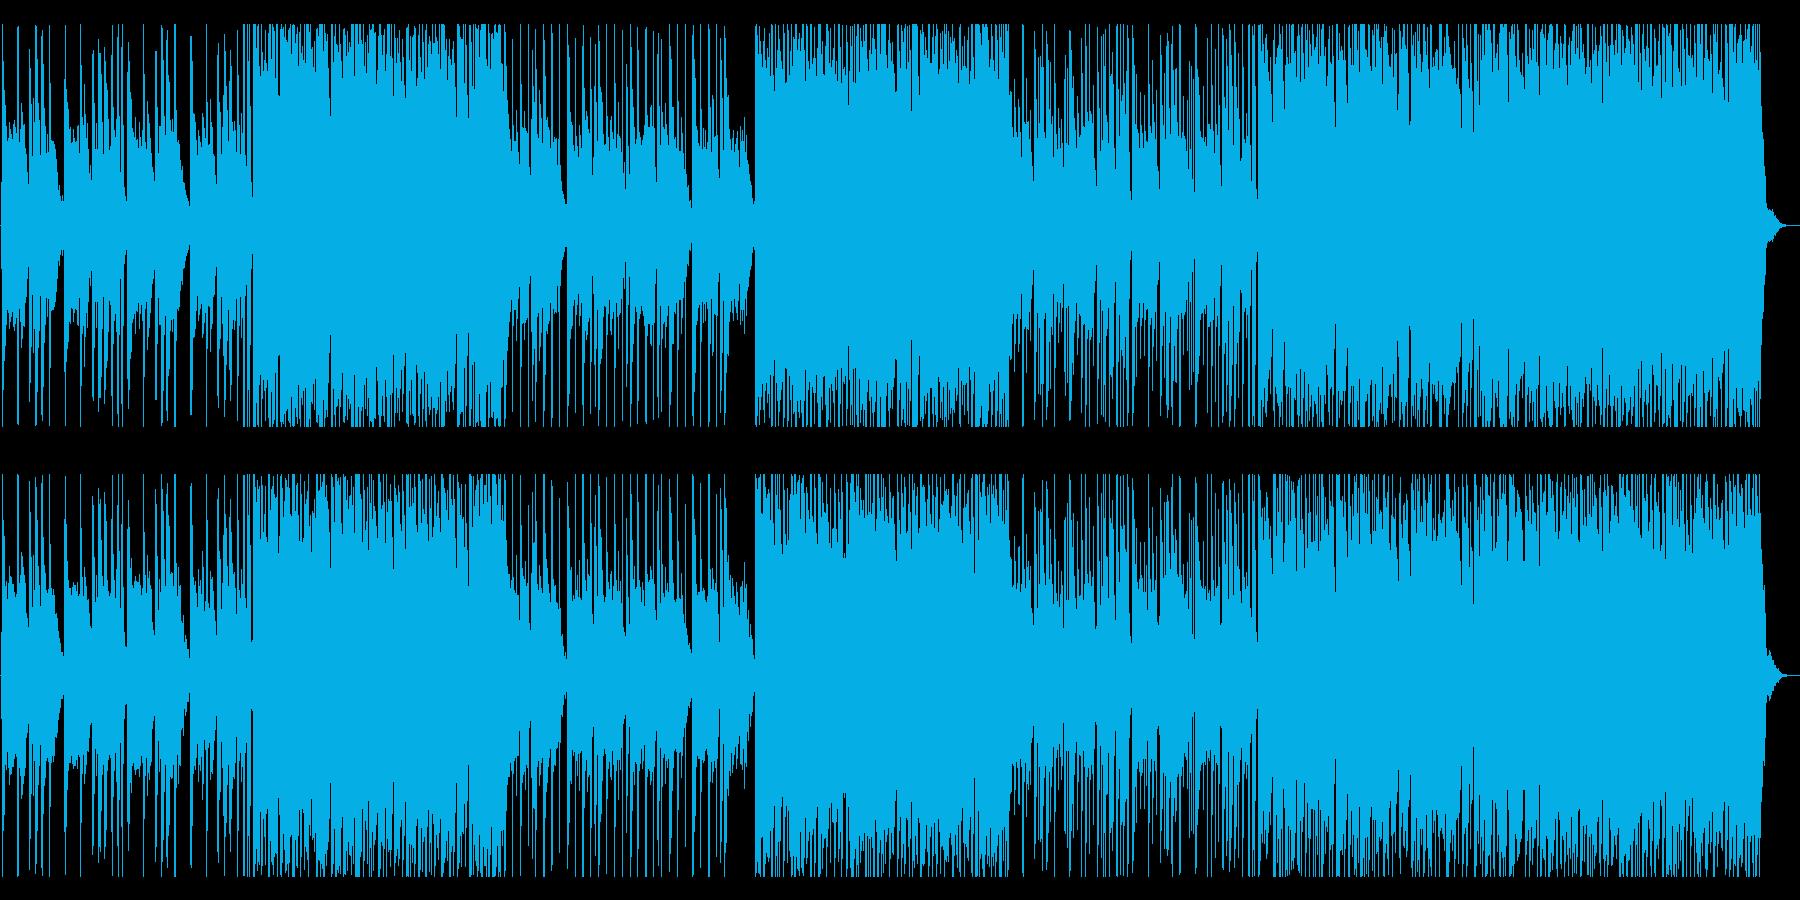 じわじわと無気味に迫るBGMの再生済みの波形